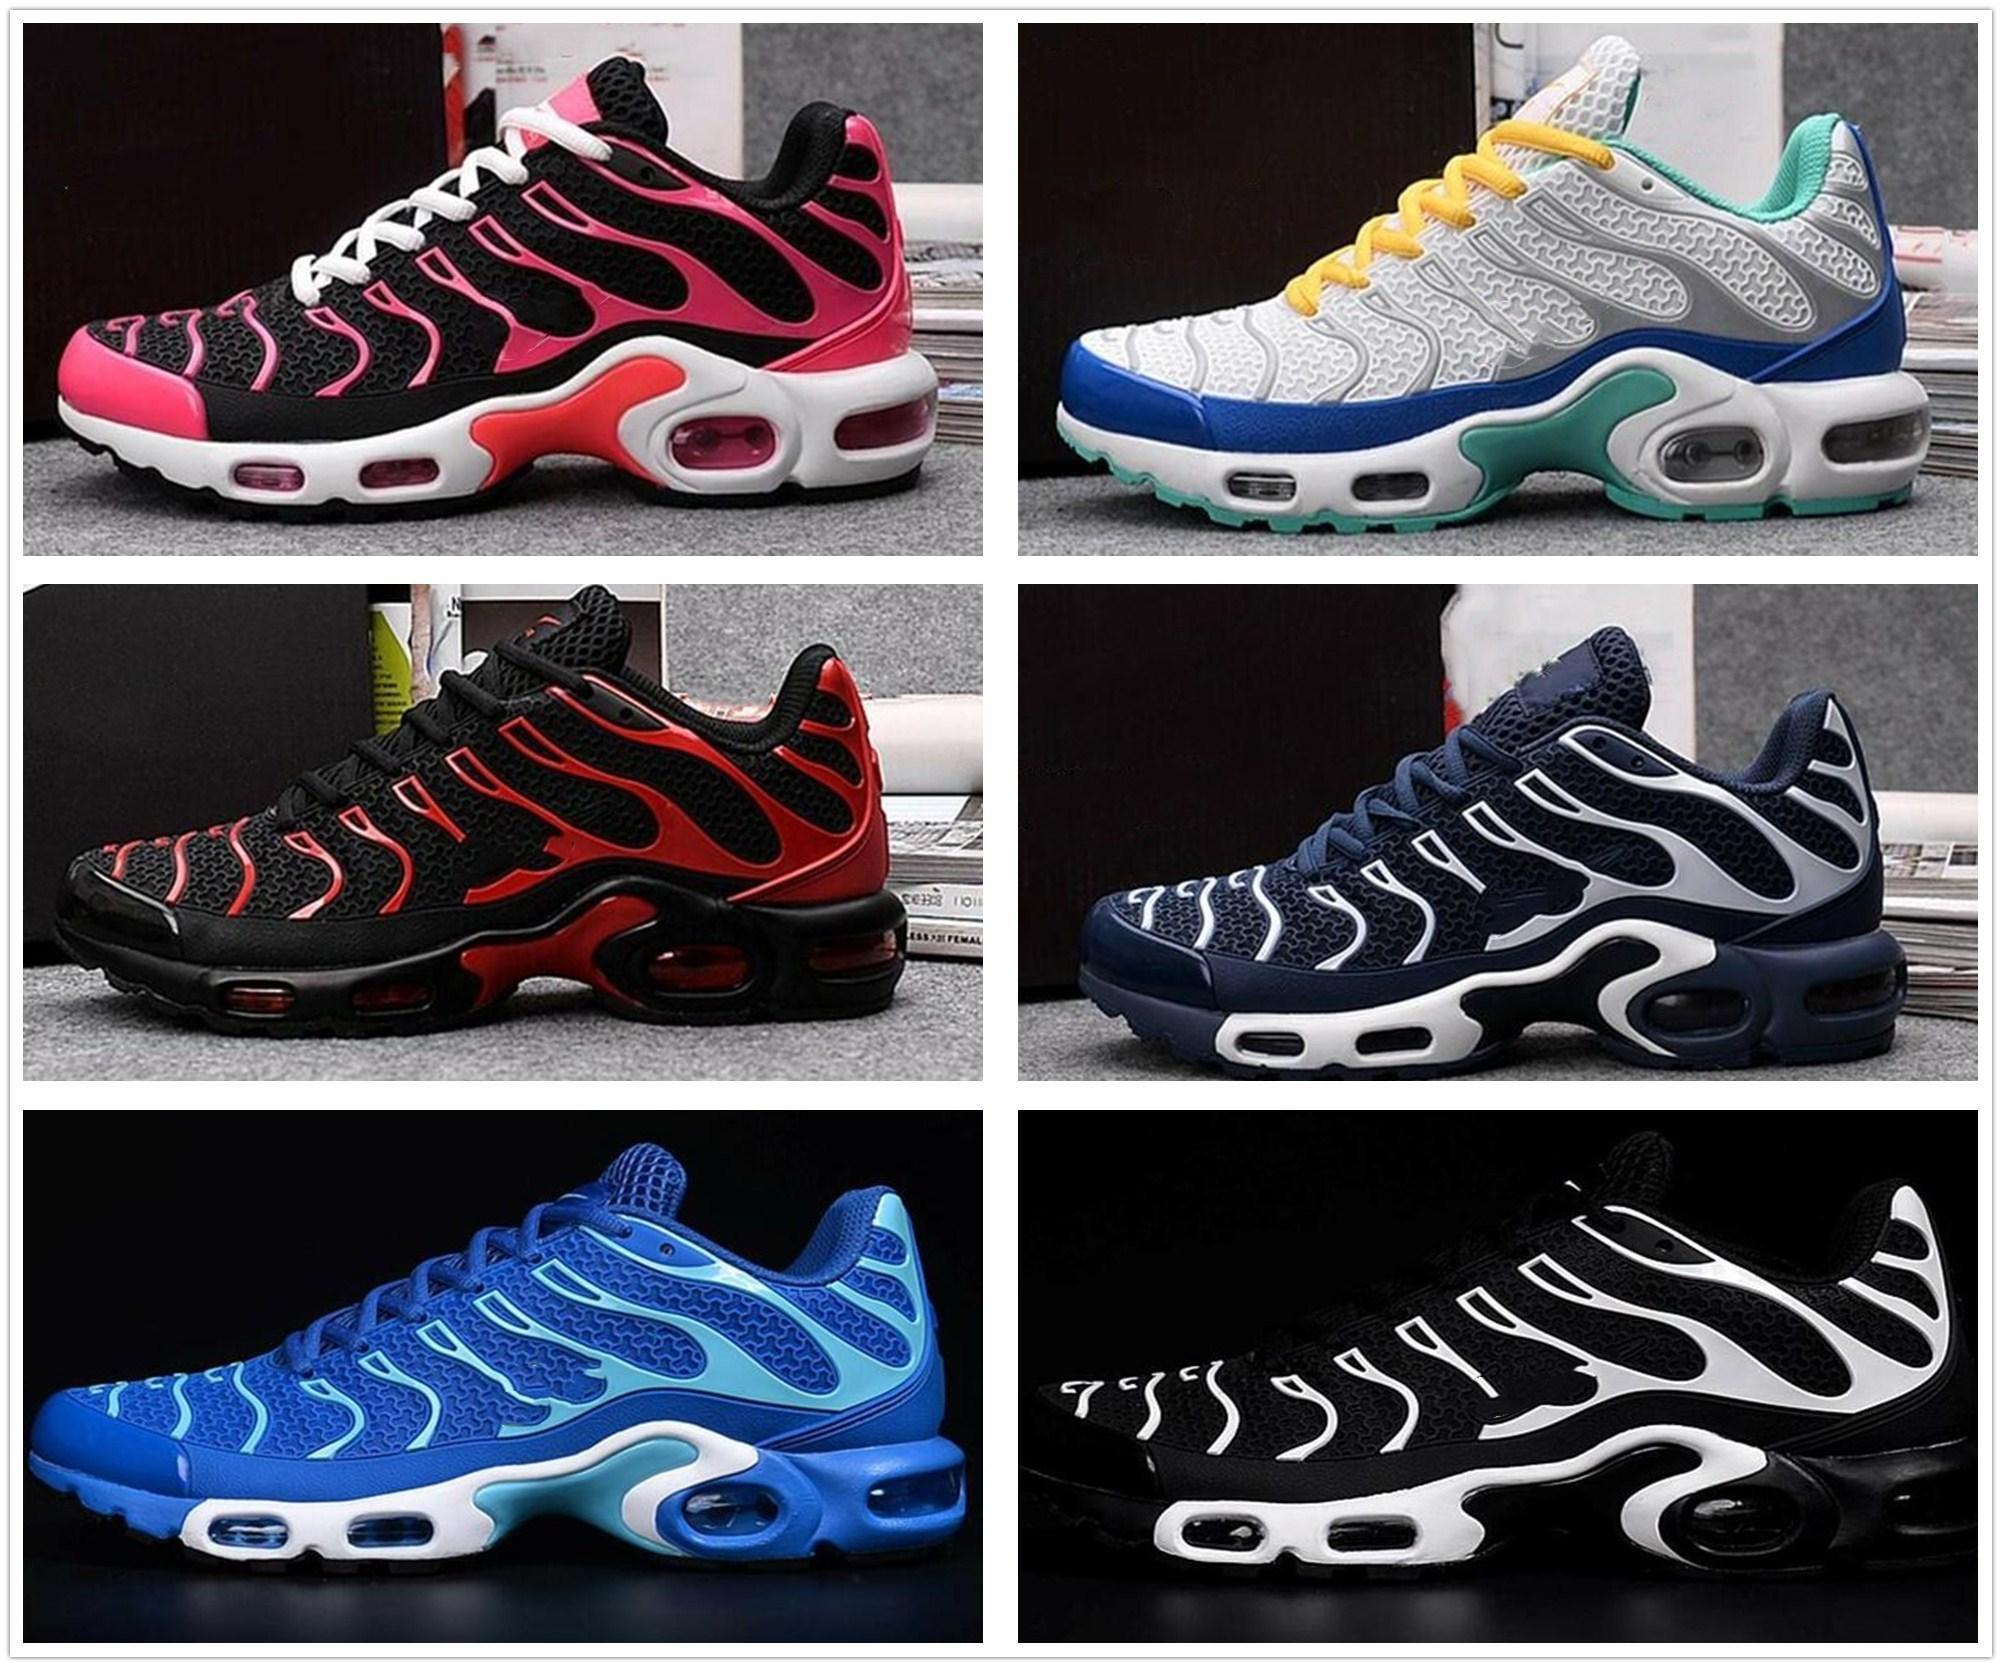 the latest 1ba8d b2b1d Acheter 2017 Nouveau TNS Maxes Hommes Femmes Haute Qualité Chaussures De Course  TN Nanotechnologie KPU Matériel Classique Durable Sport Sneakers Navire ...